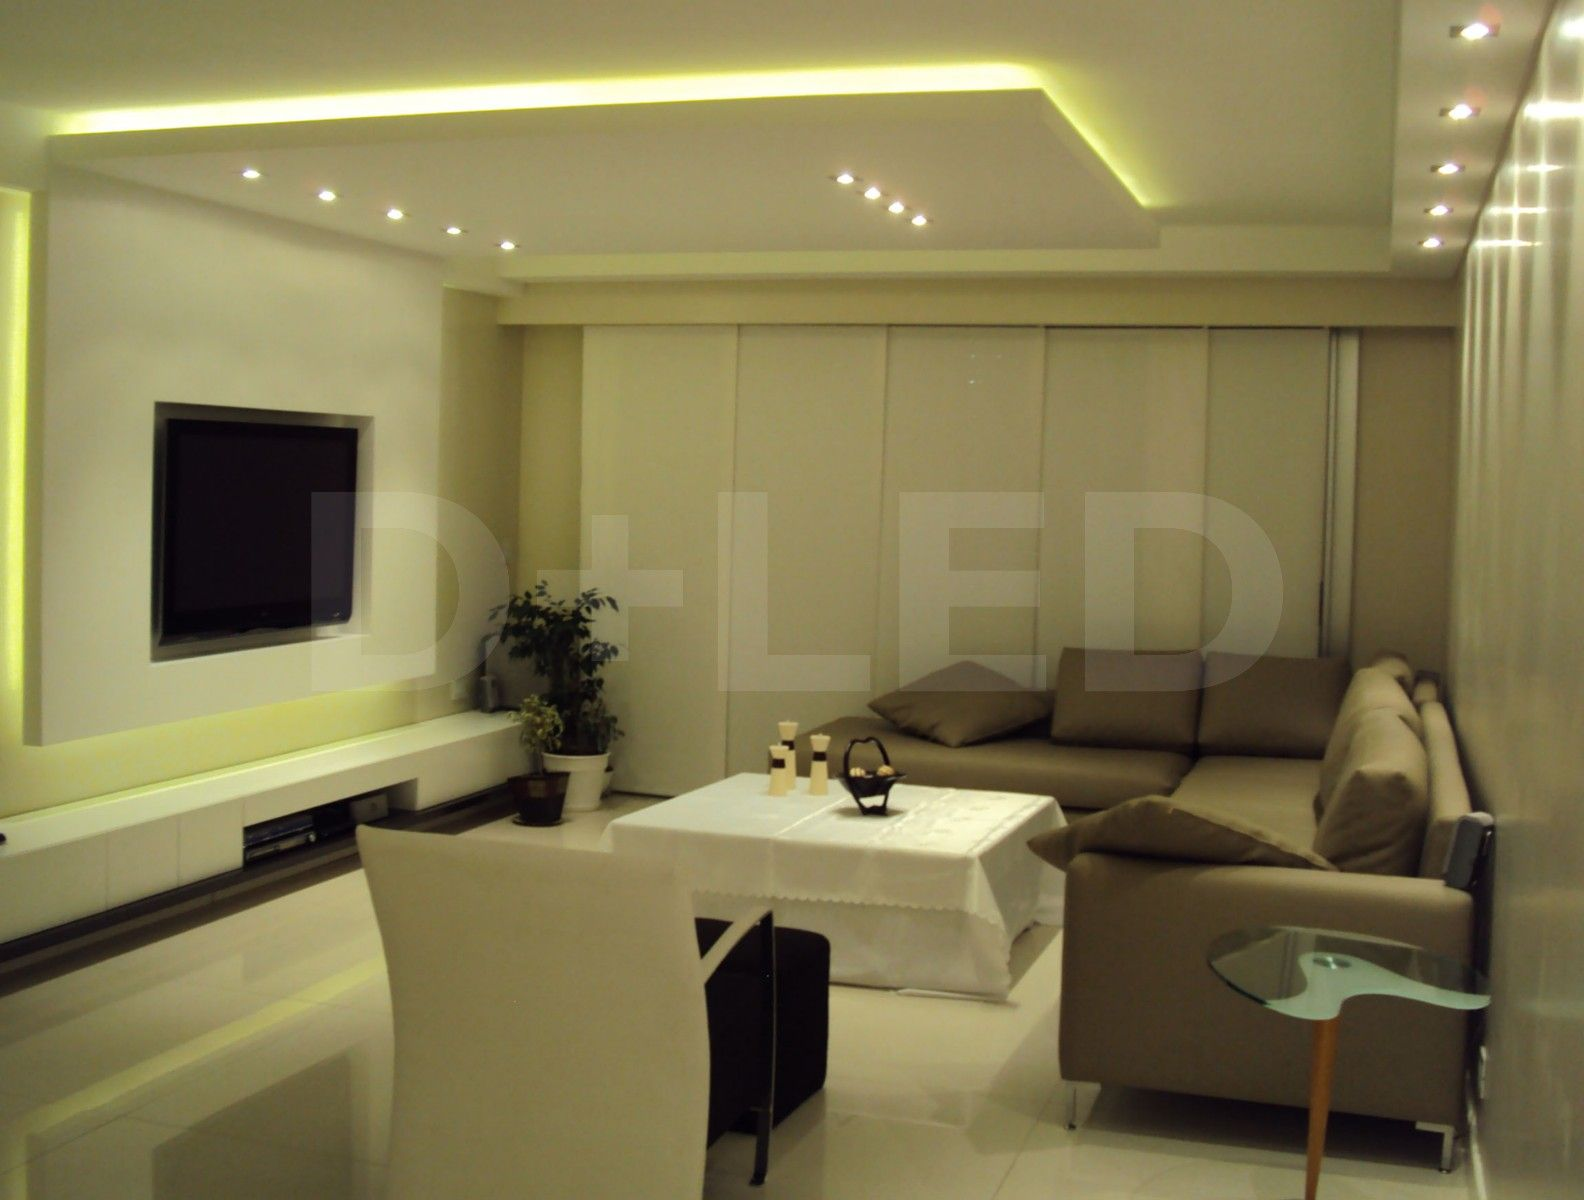 Aplicaciones de leds en demasled ilumina tus ideas for Aplicacion decoracion interiores